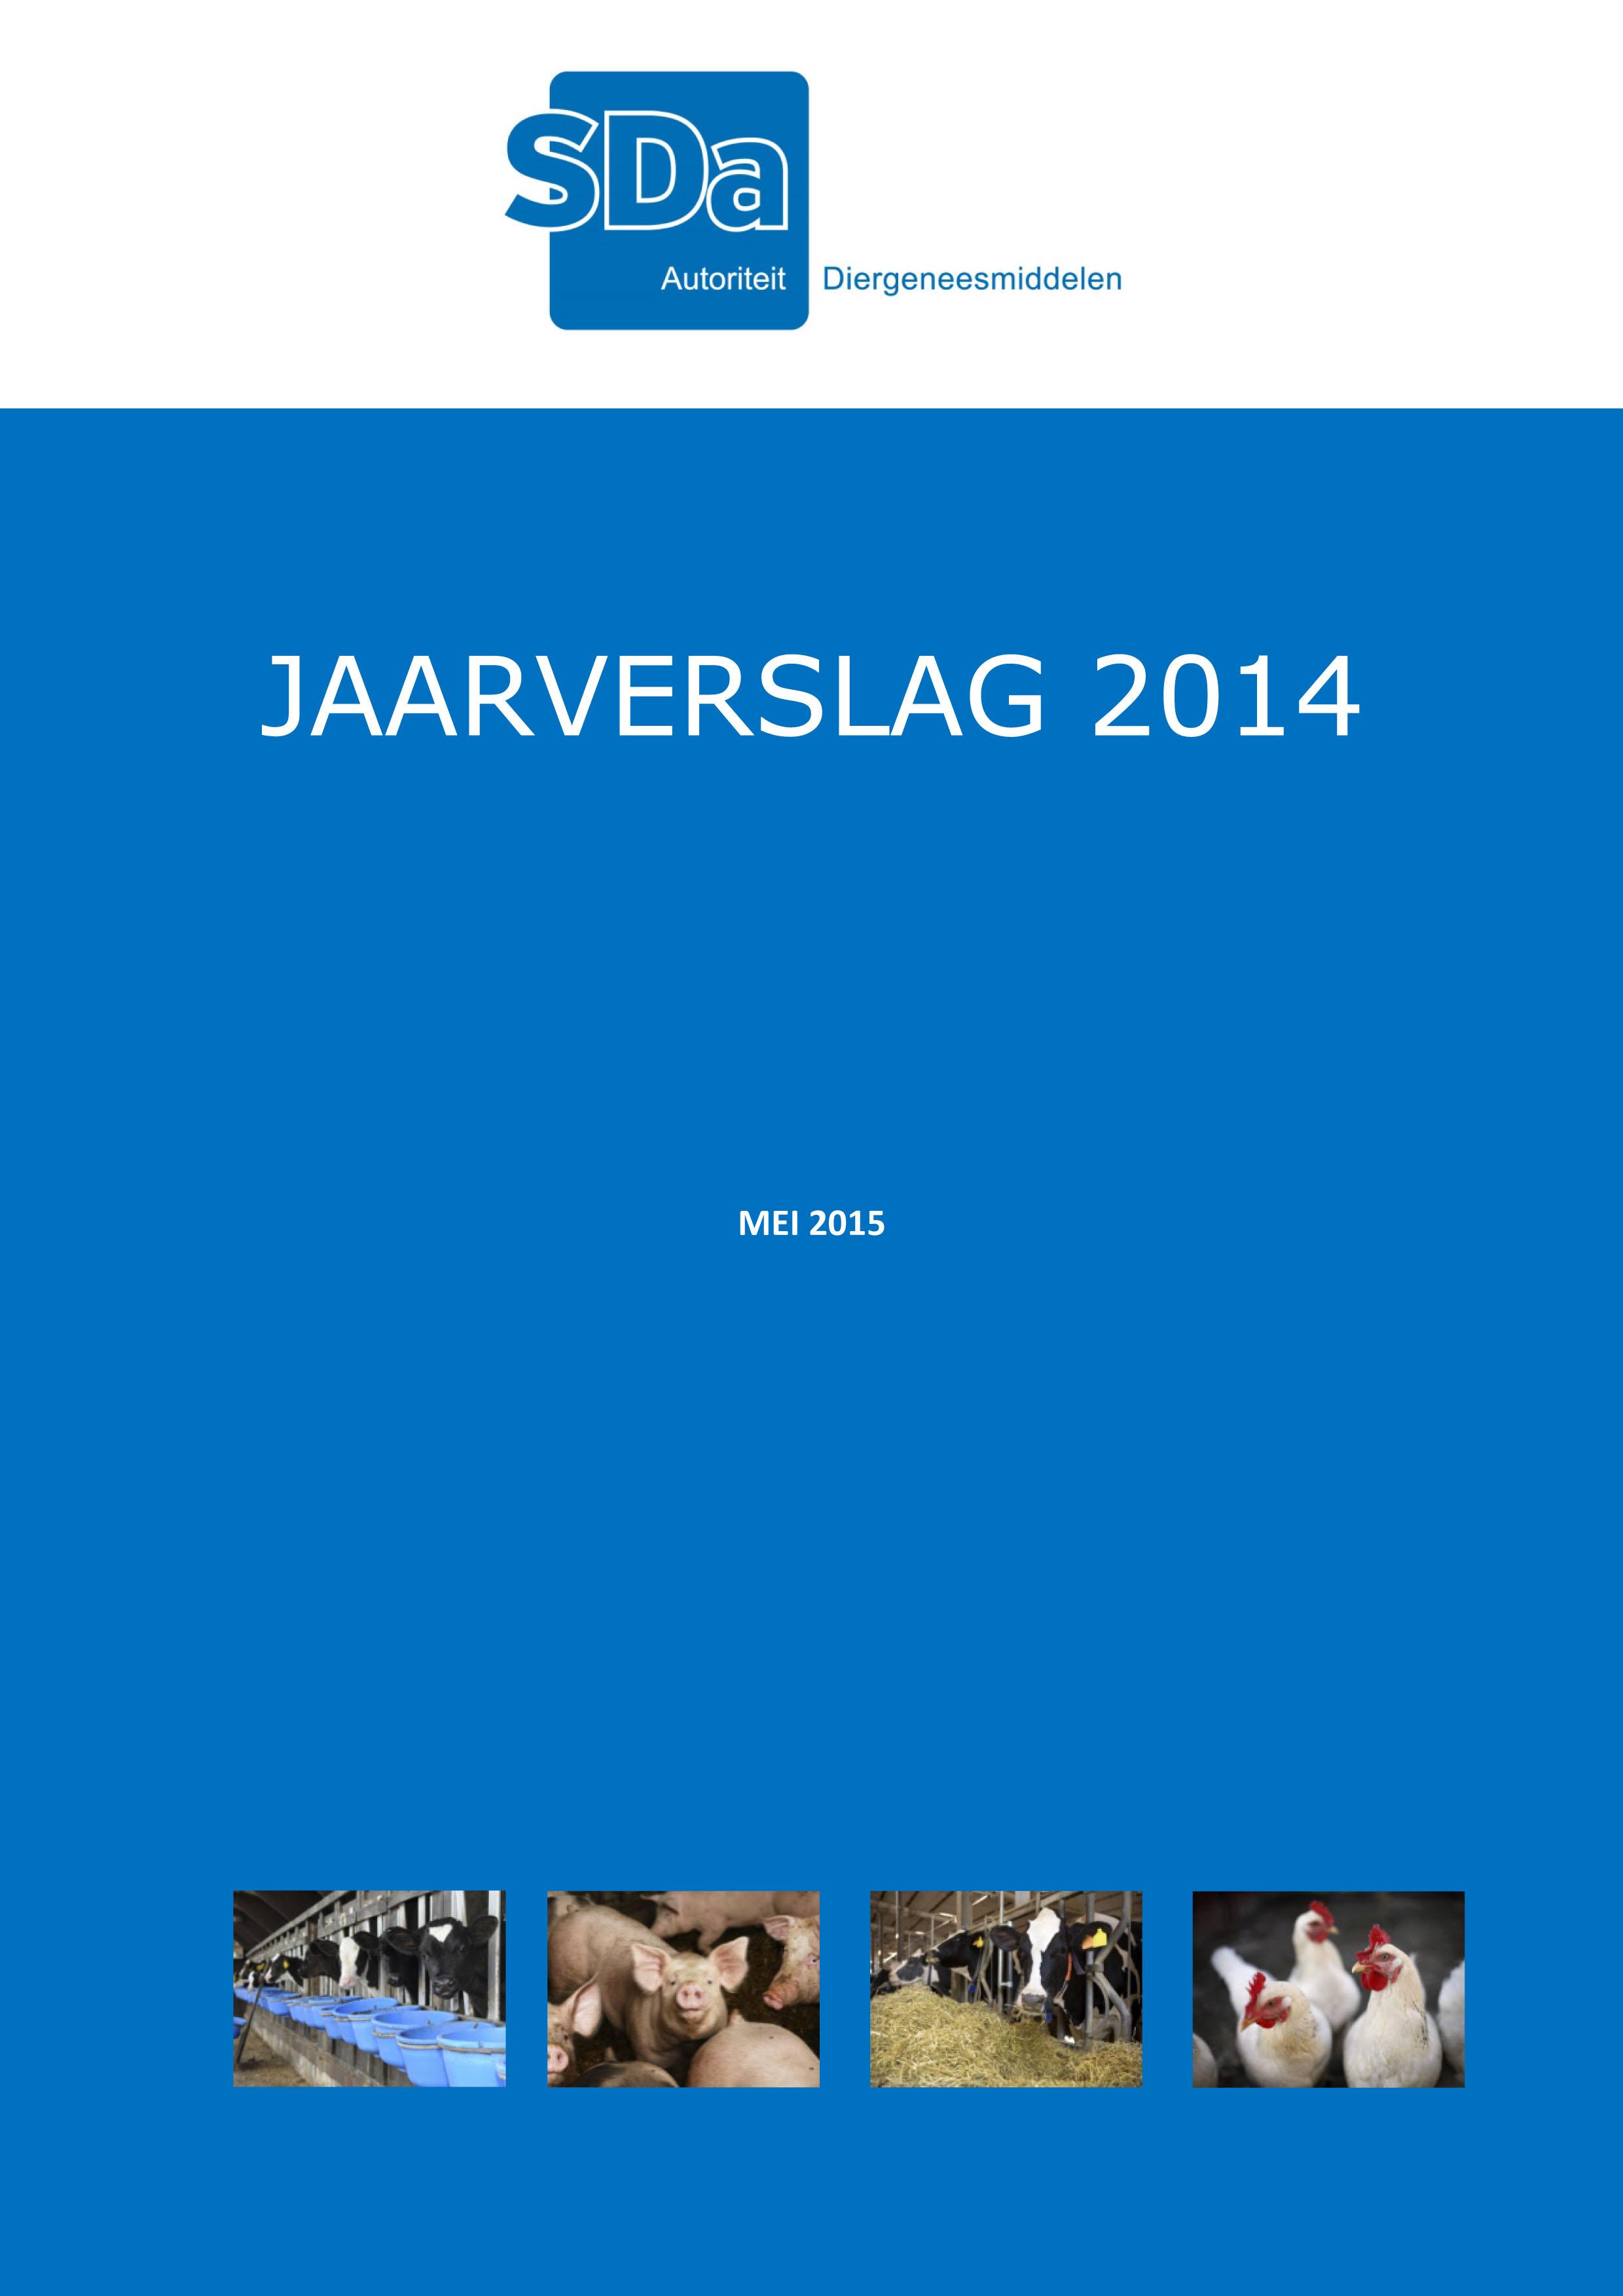 SDa-Jaarverslag 2014